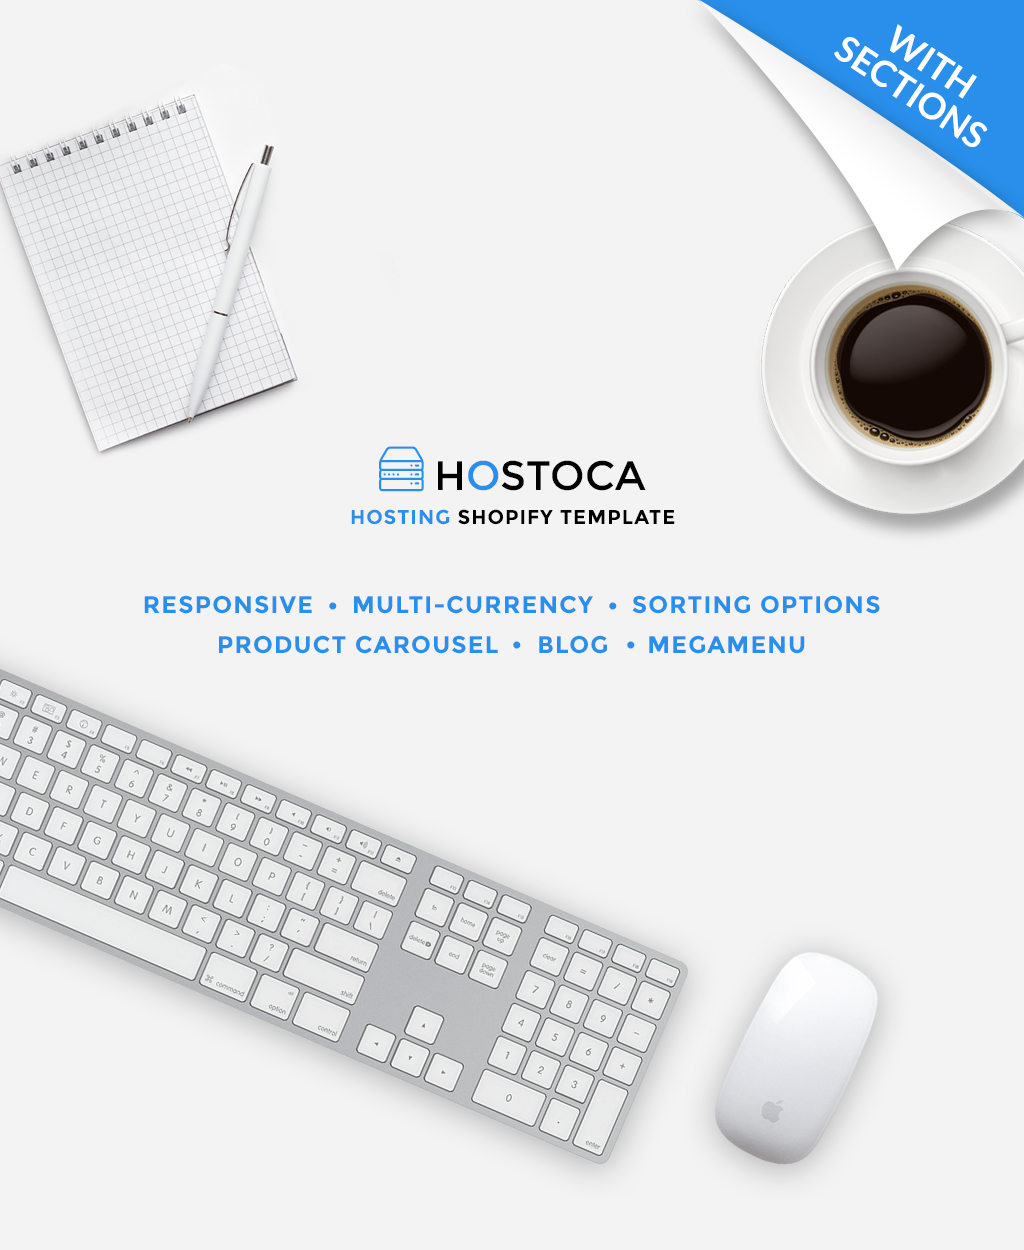 Modello Shopify Responsive #64415 per Un Sito di Hosting